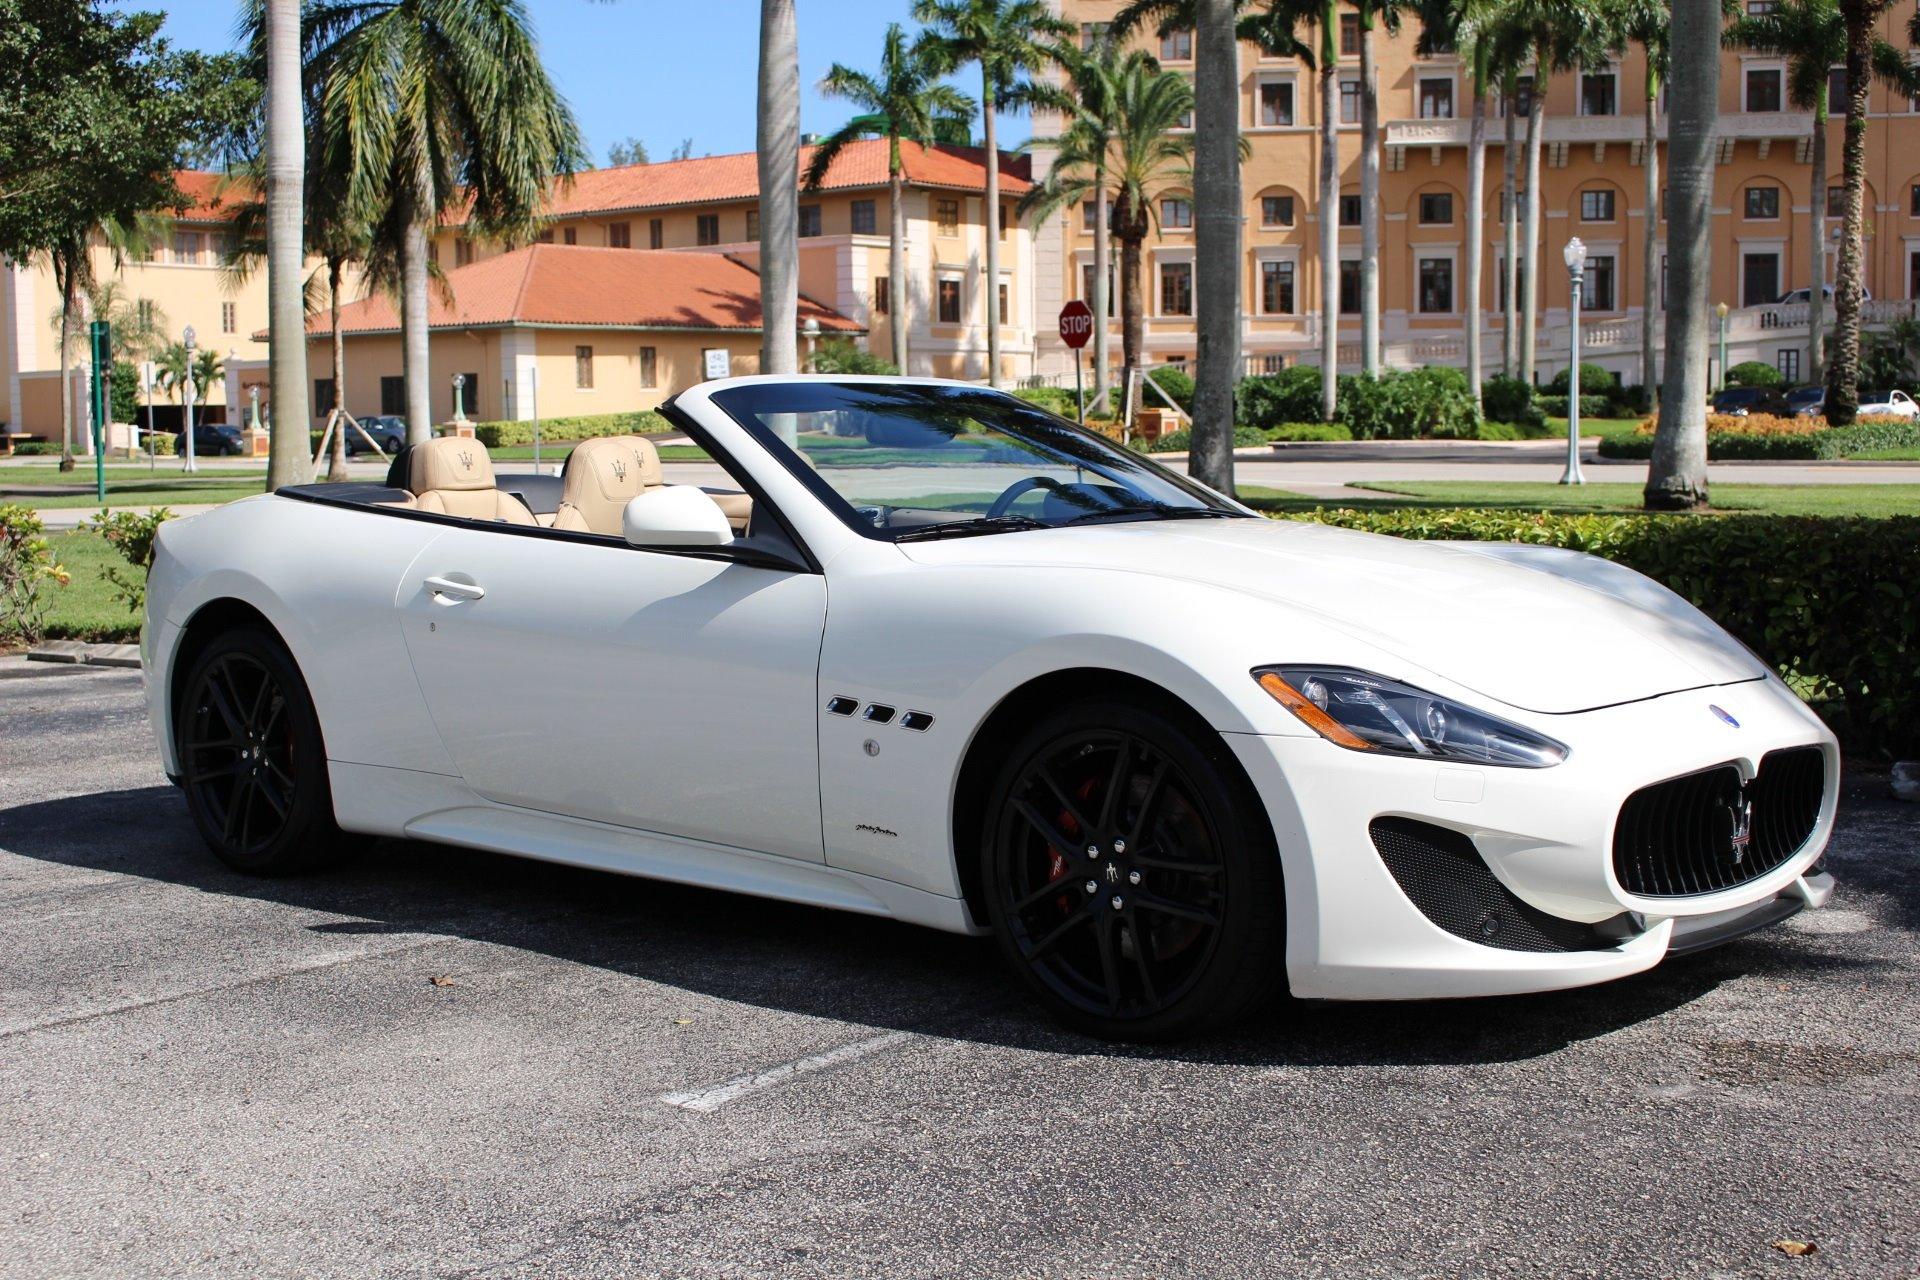 Used 2015 Maserati GranTurismo MC Centennial for sale Sold at The Gables Sports Cars in Miami FL 33146 4